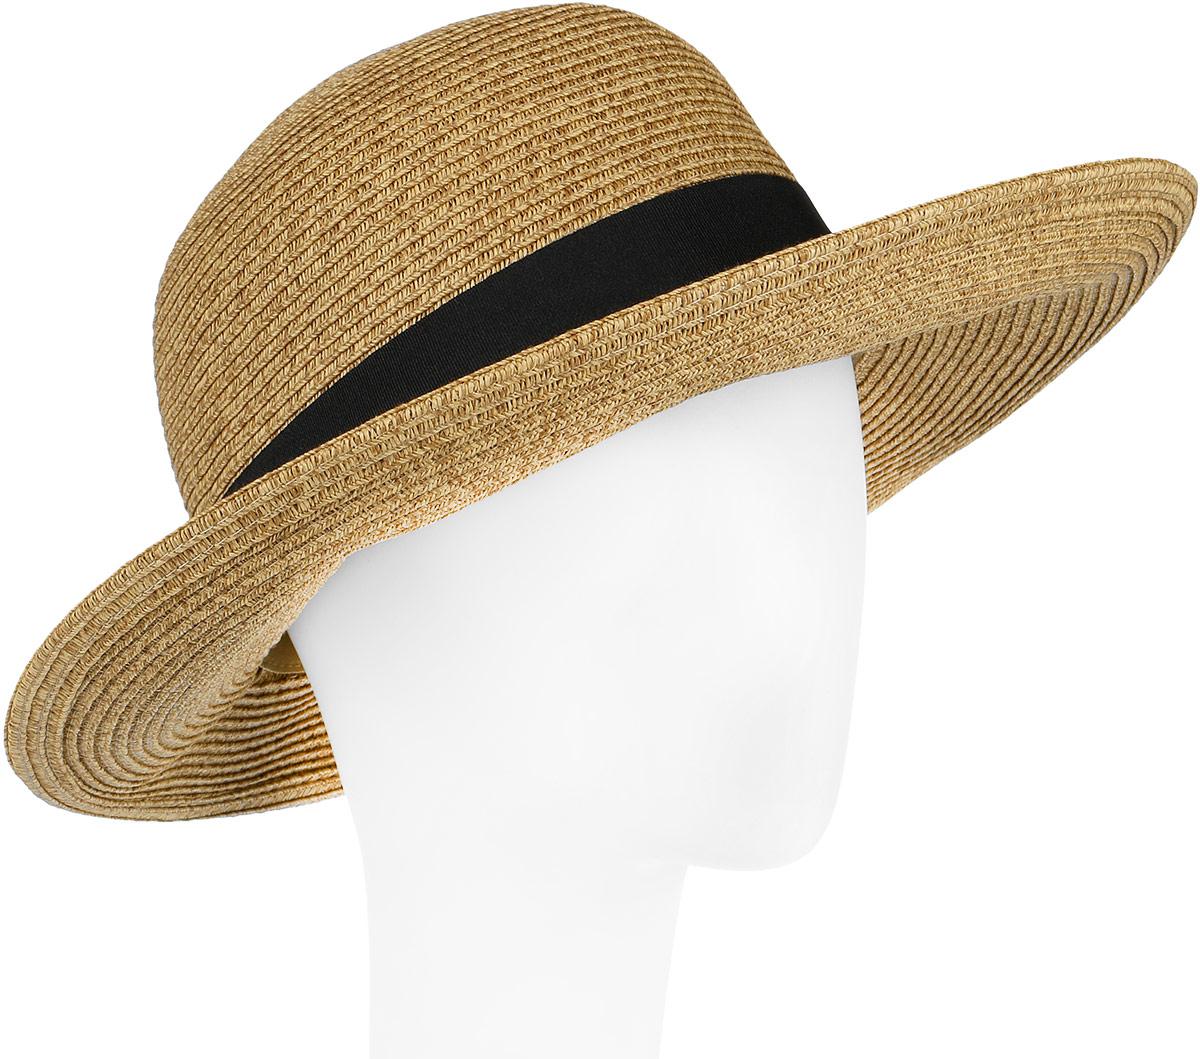 Шляпа женская Fabretti, цвет: бежевый. G4-1. Размер универсальныйG4-1 BEIGEСтильная шляпа от Fabretti для пляжного отдыха и прогулок в солнечные дни.